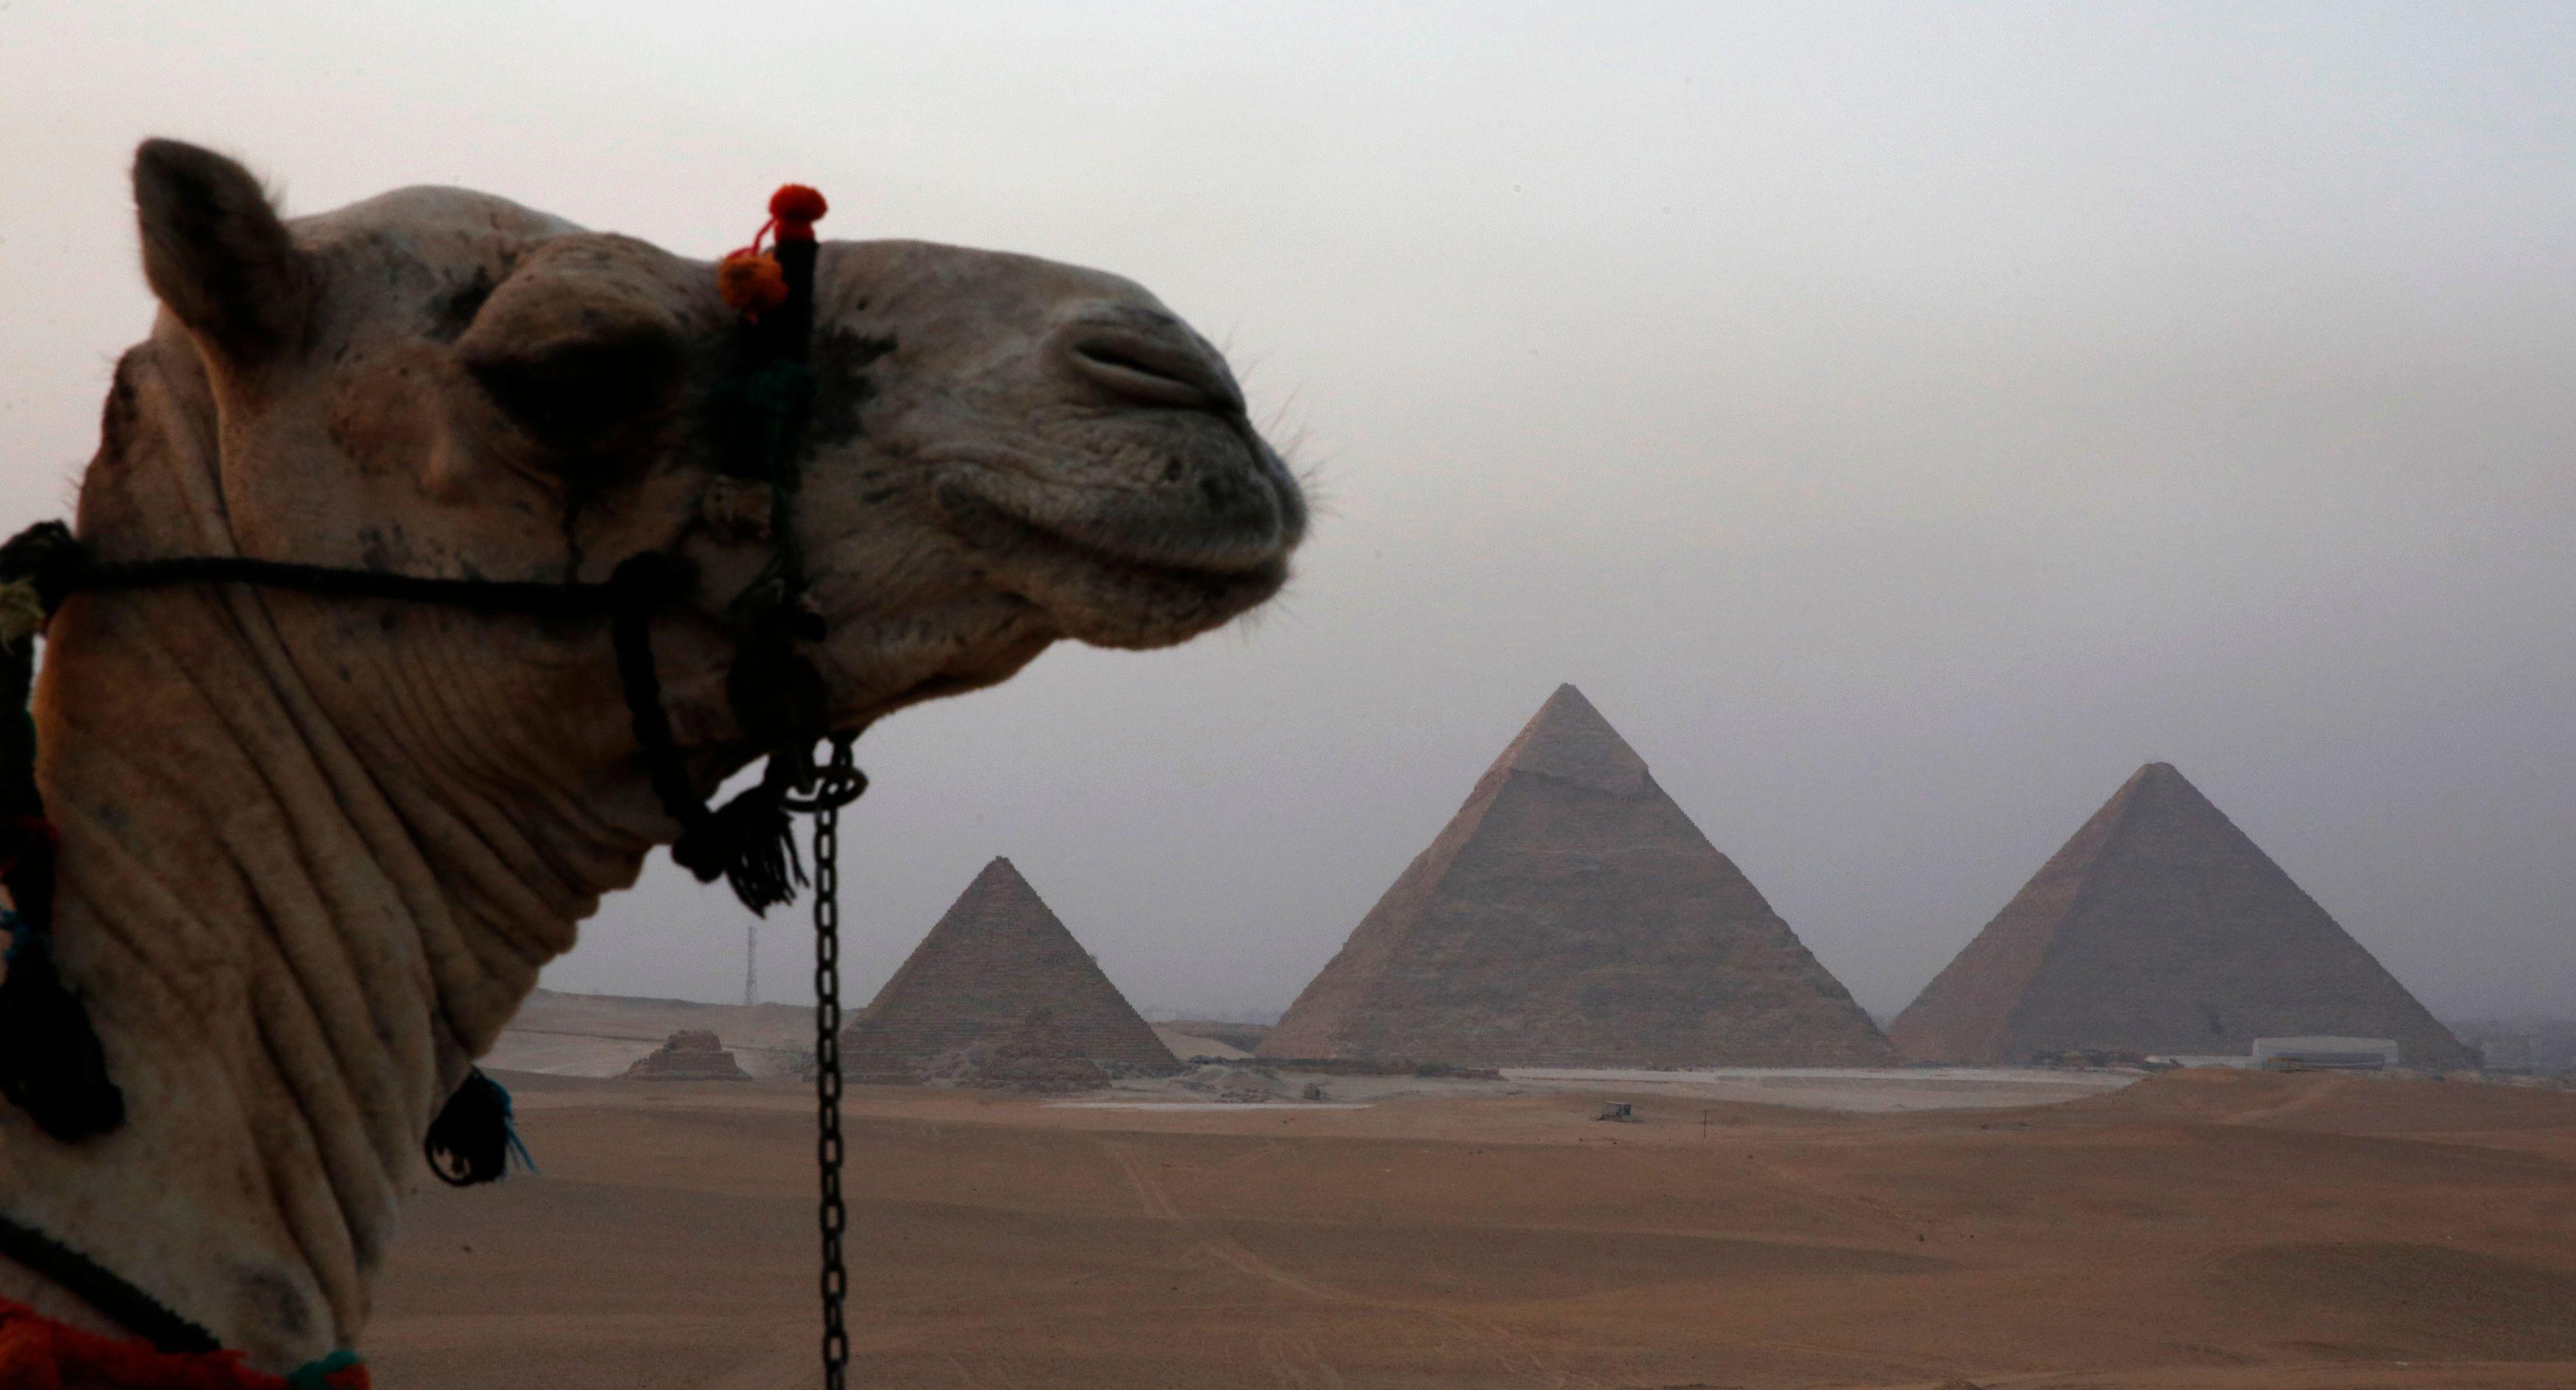 Un postier à la retraite a mis au point une nouvelle théorie sur la construction des pyramides.